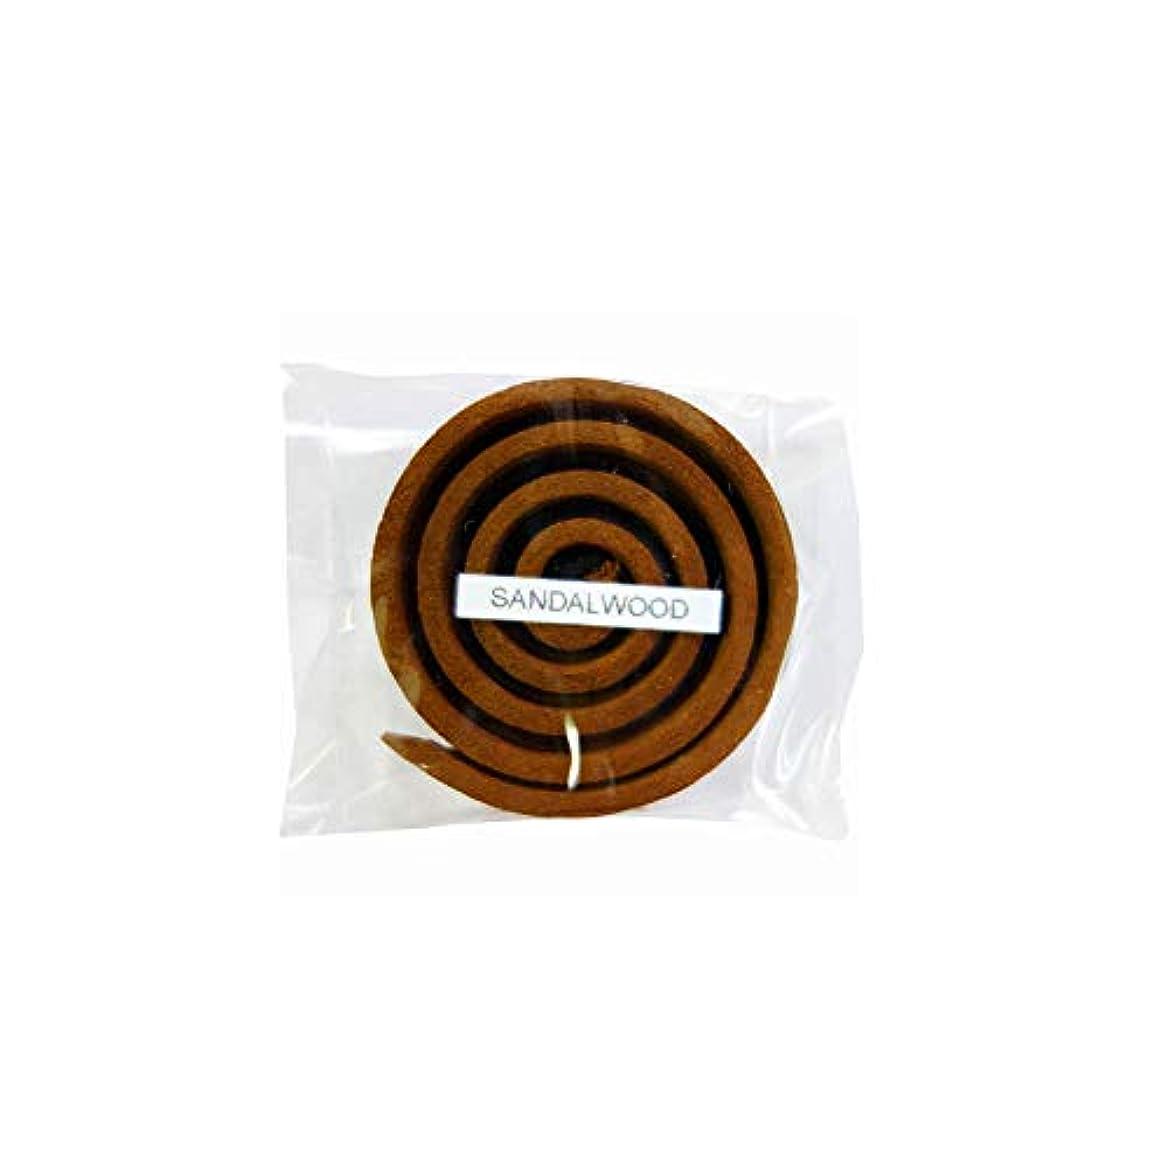 近代化するハッピー宗教お香/うずまき香 SANDALWOOD サンダルウッド 直径5cm×5巻セット [並行輸入品]